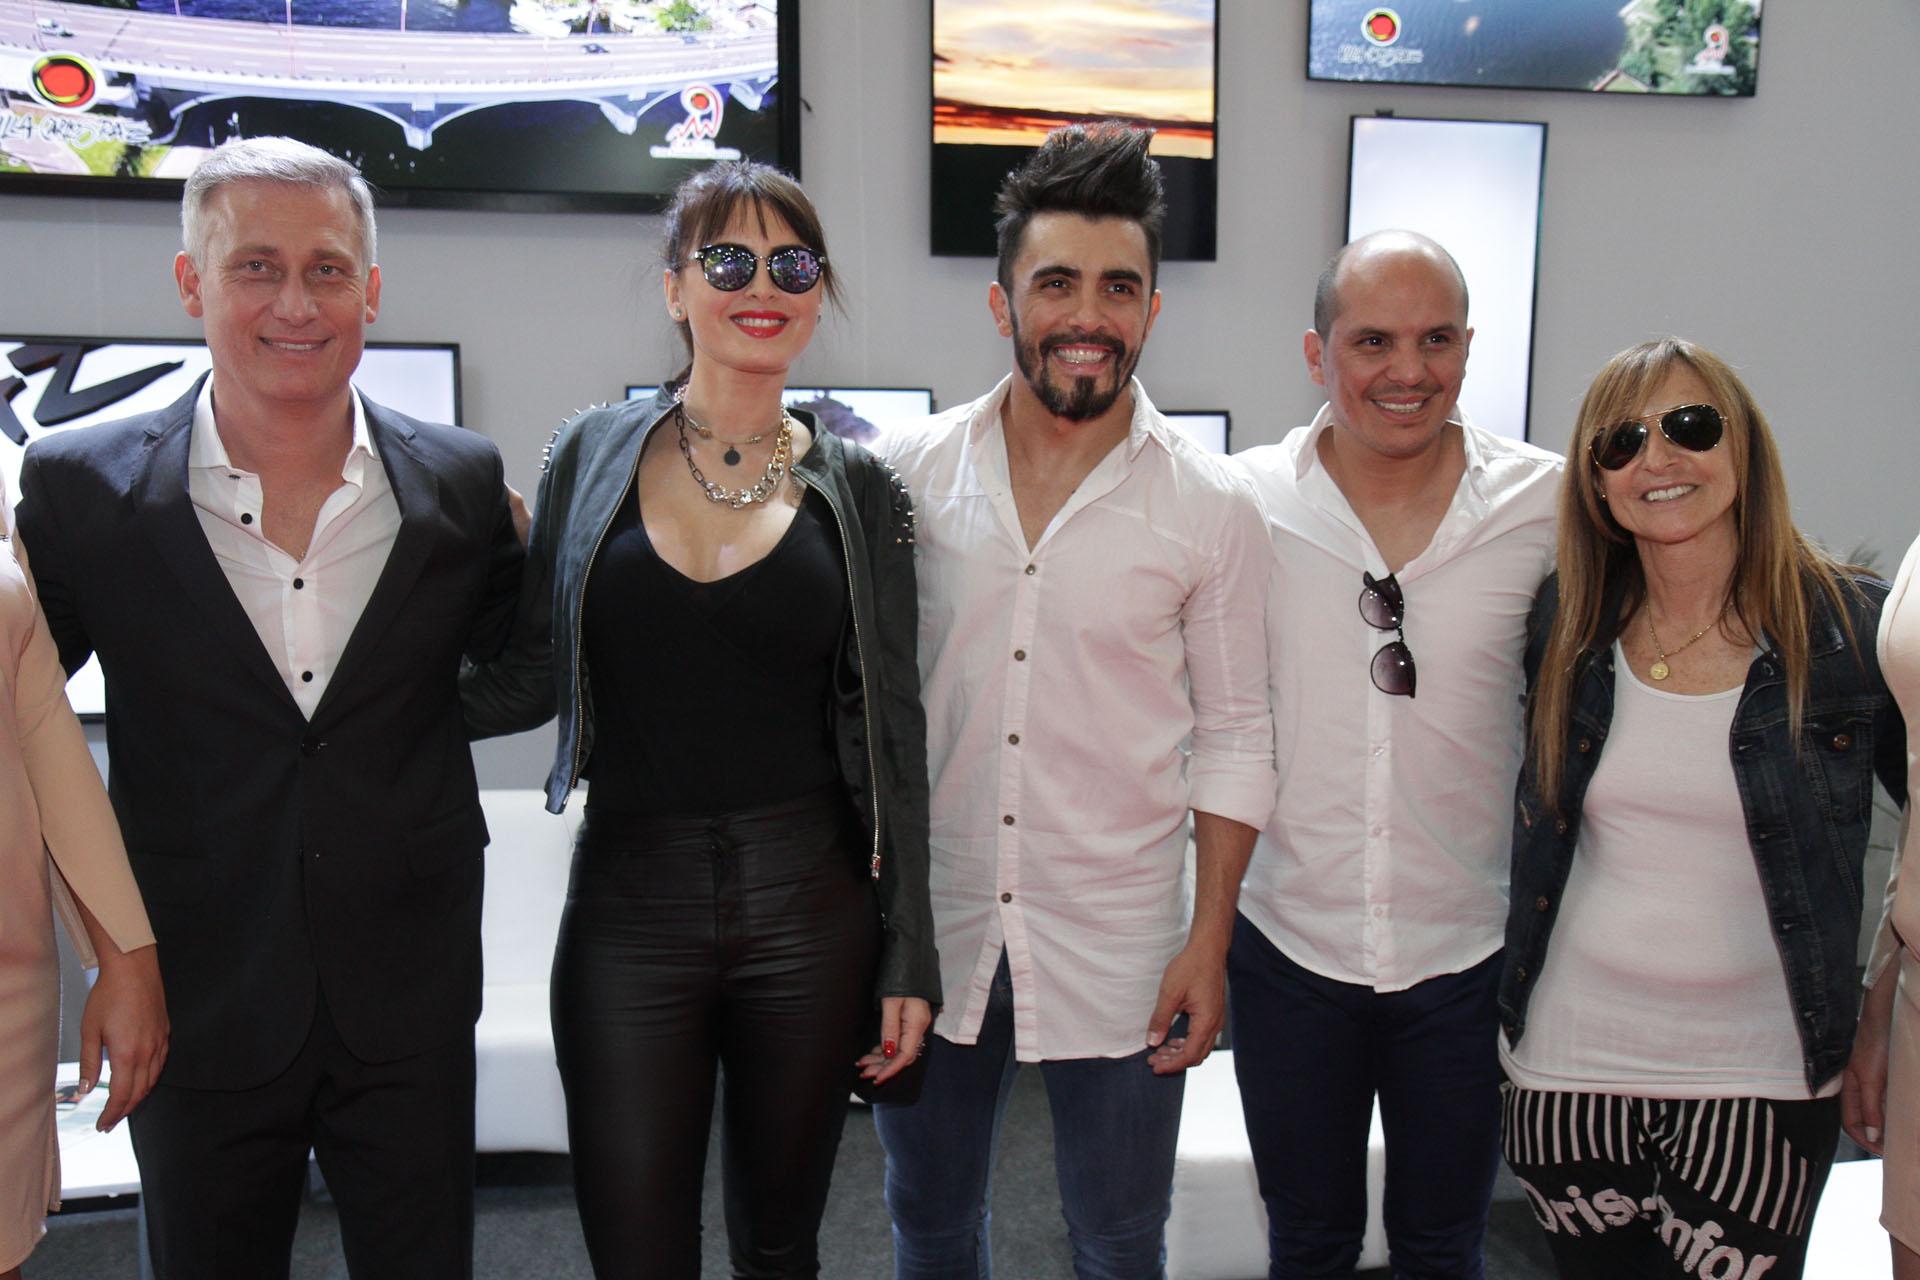 El evento contó con la presencia de algunas de las figuras que estarán presentes en la temporada teatral de Villa Carlos Paz, la más importante del país junto a Mar del Plata (Mario Sar)